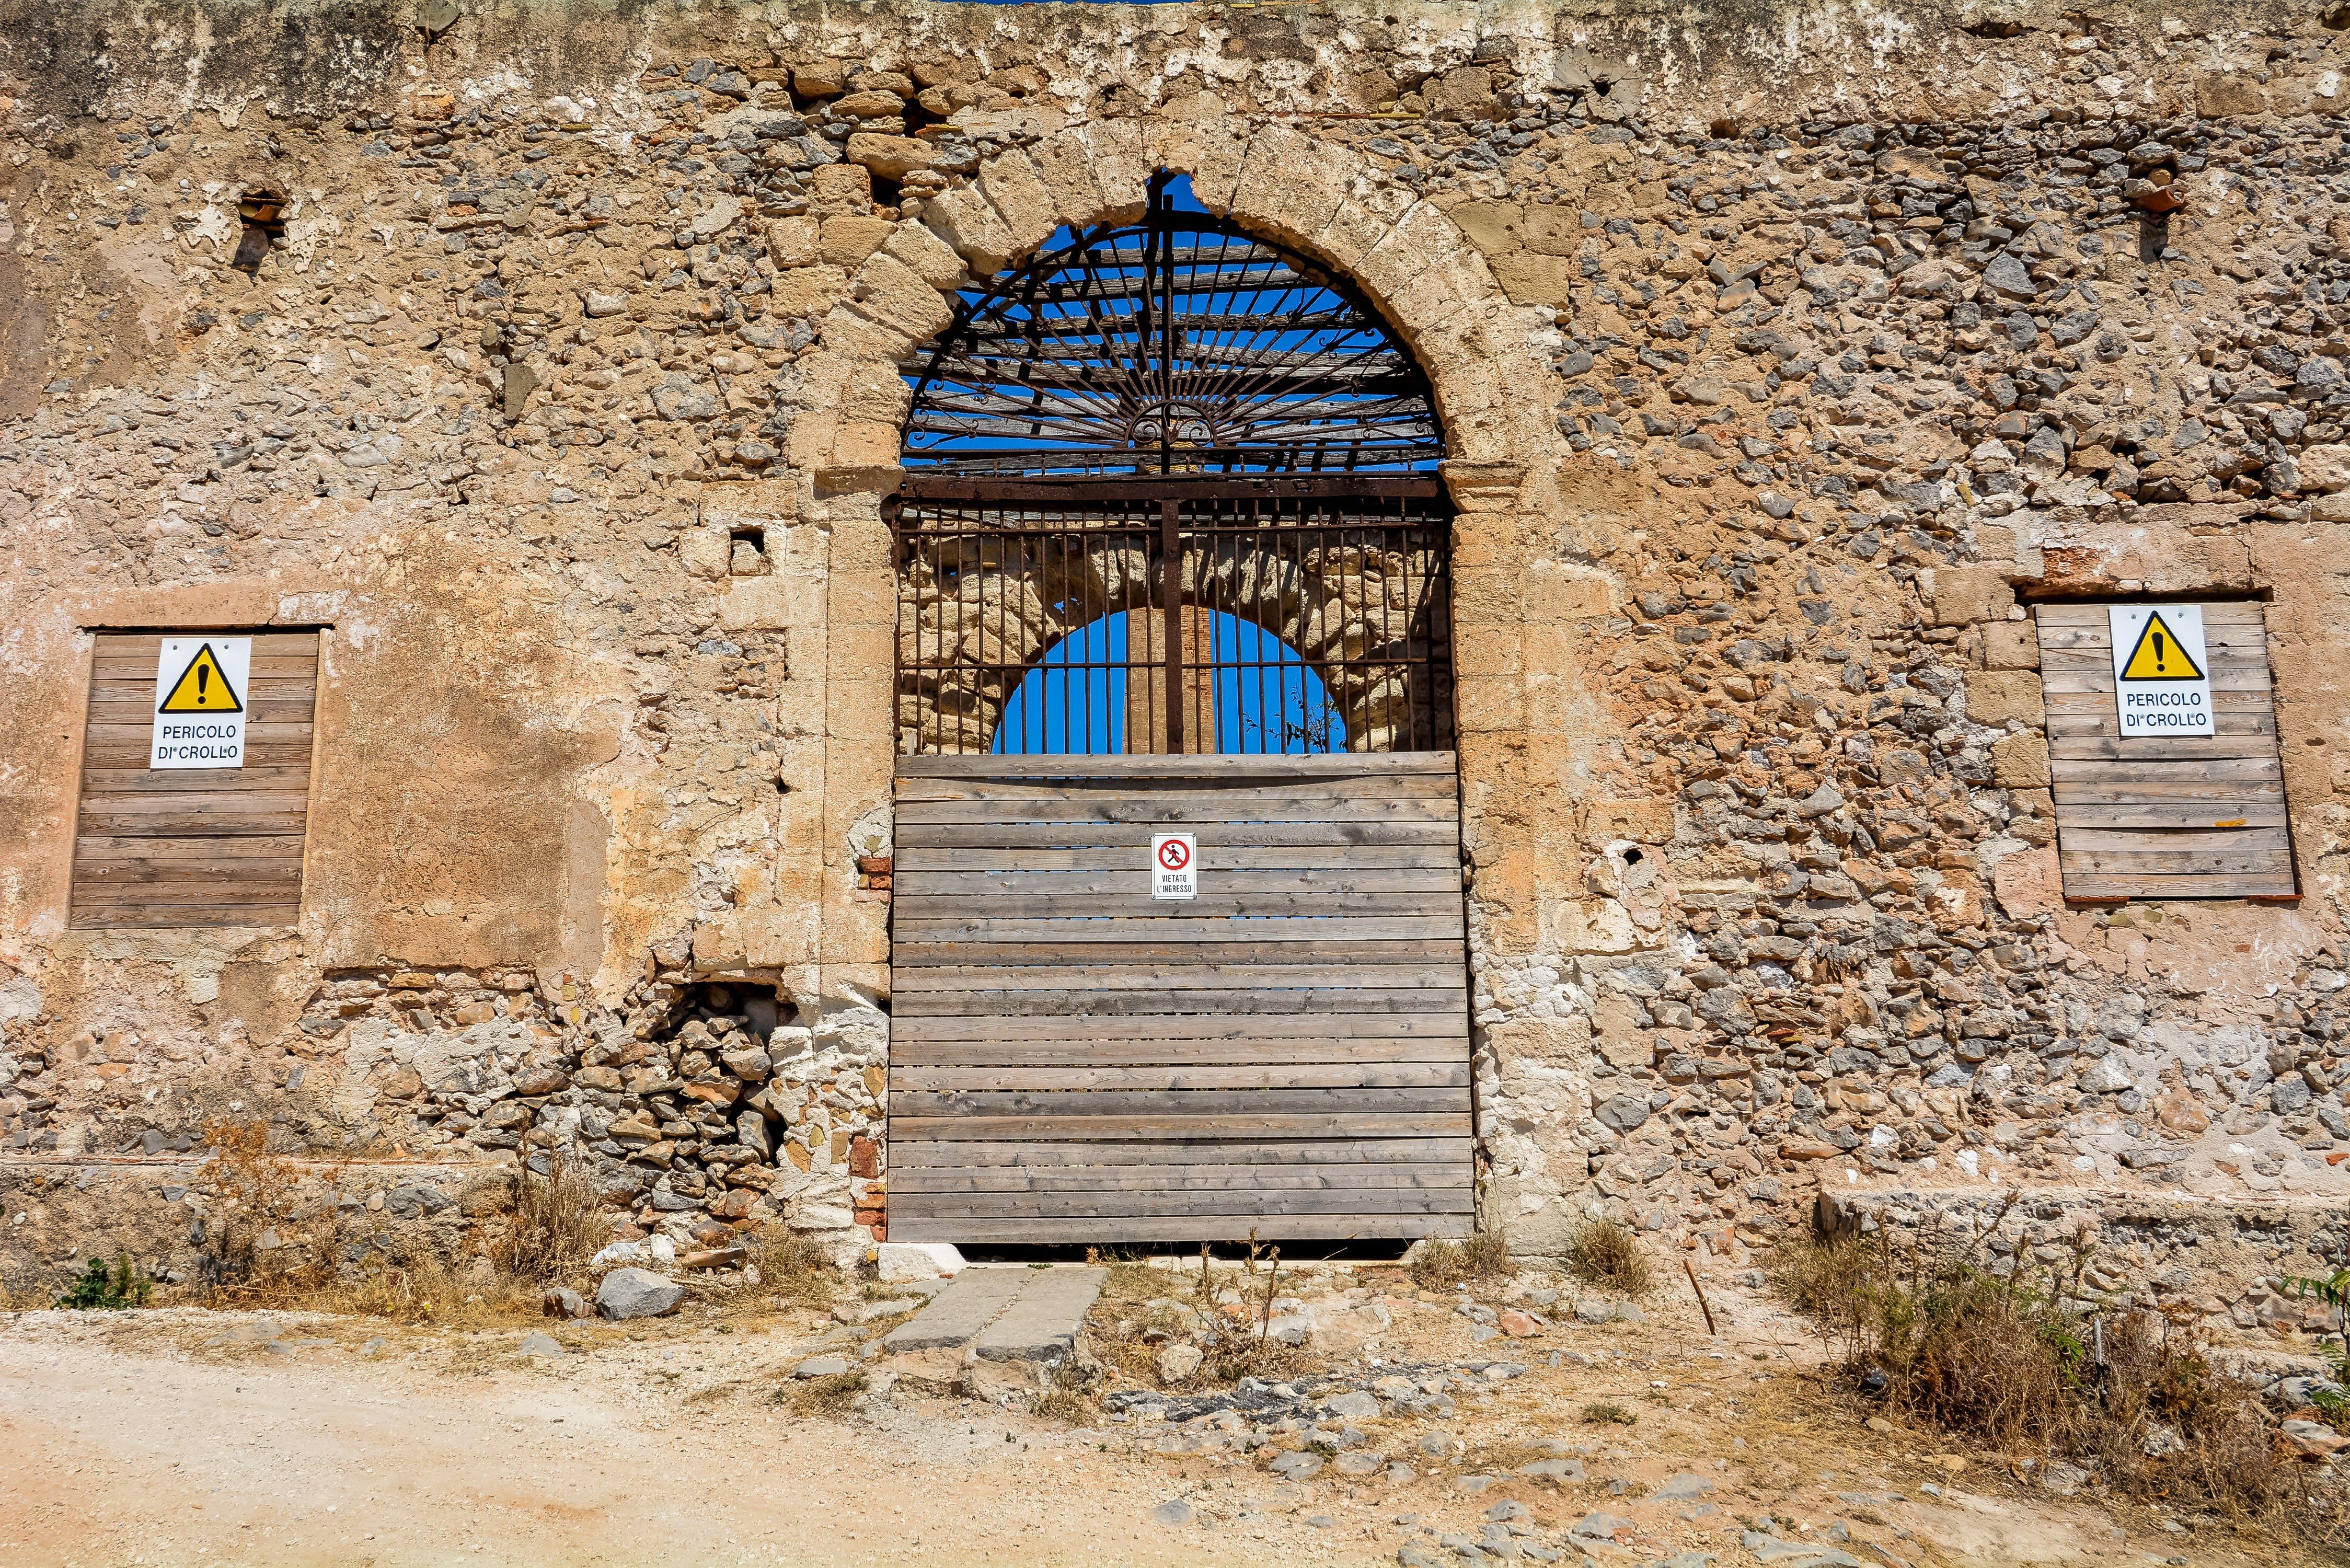 san vito lo capo tonnara del secco abandoned urbex lost places italy sicily entrance tuna factory